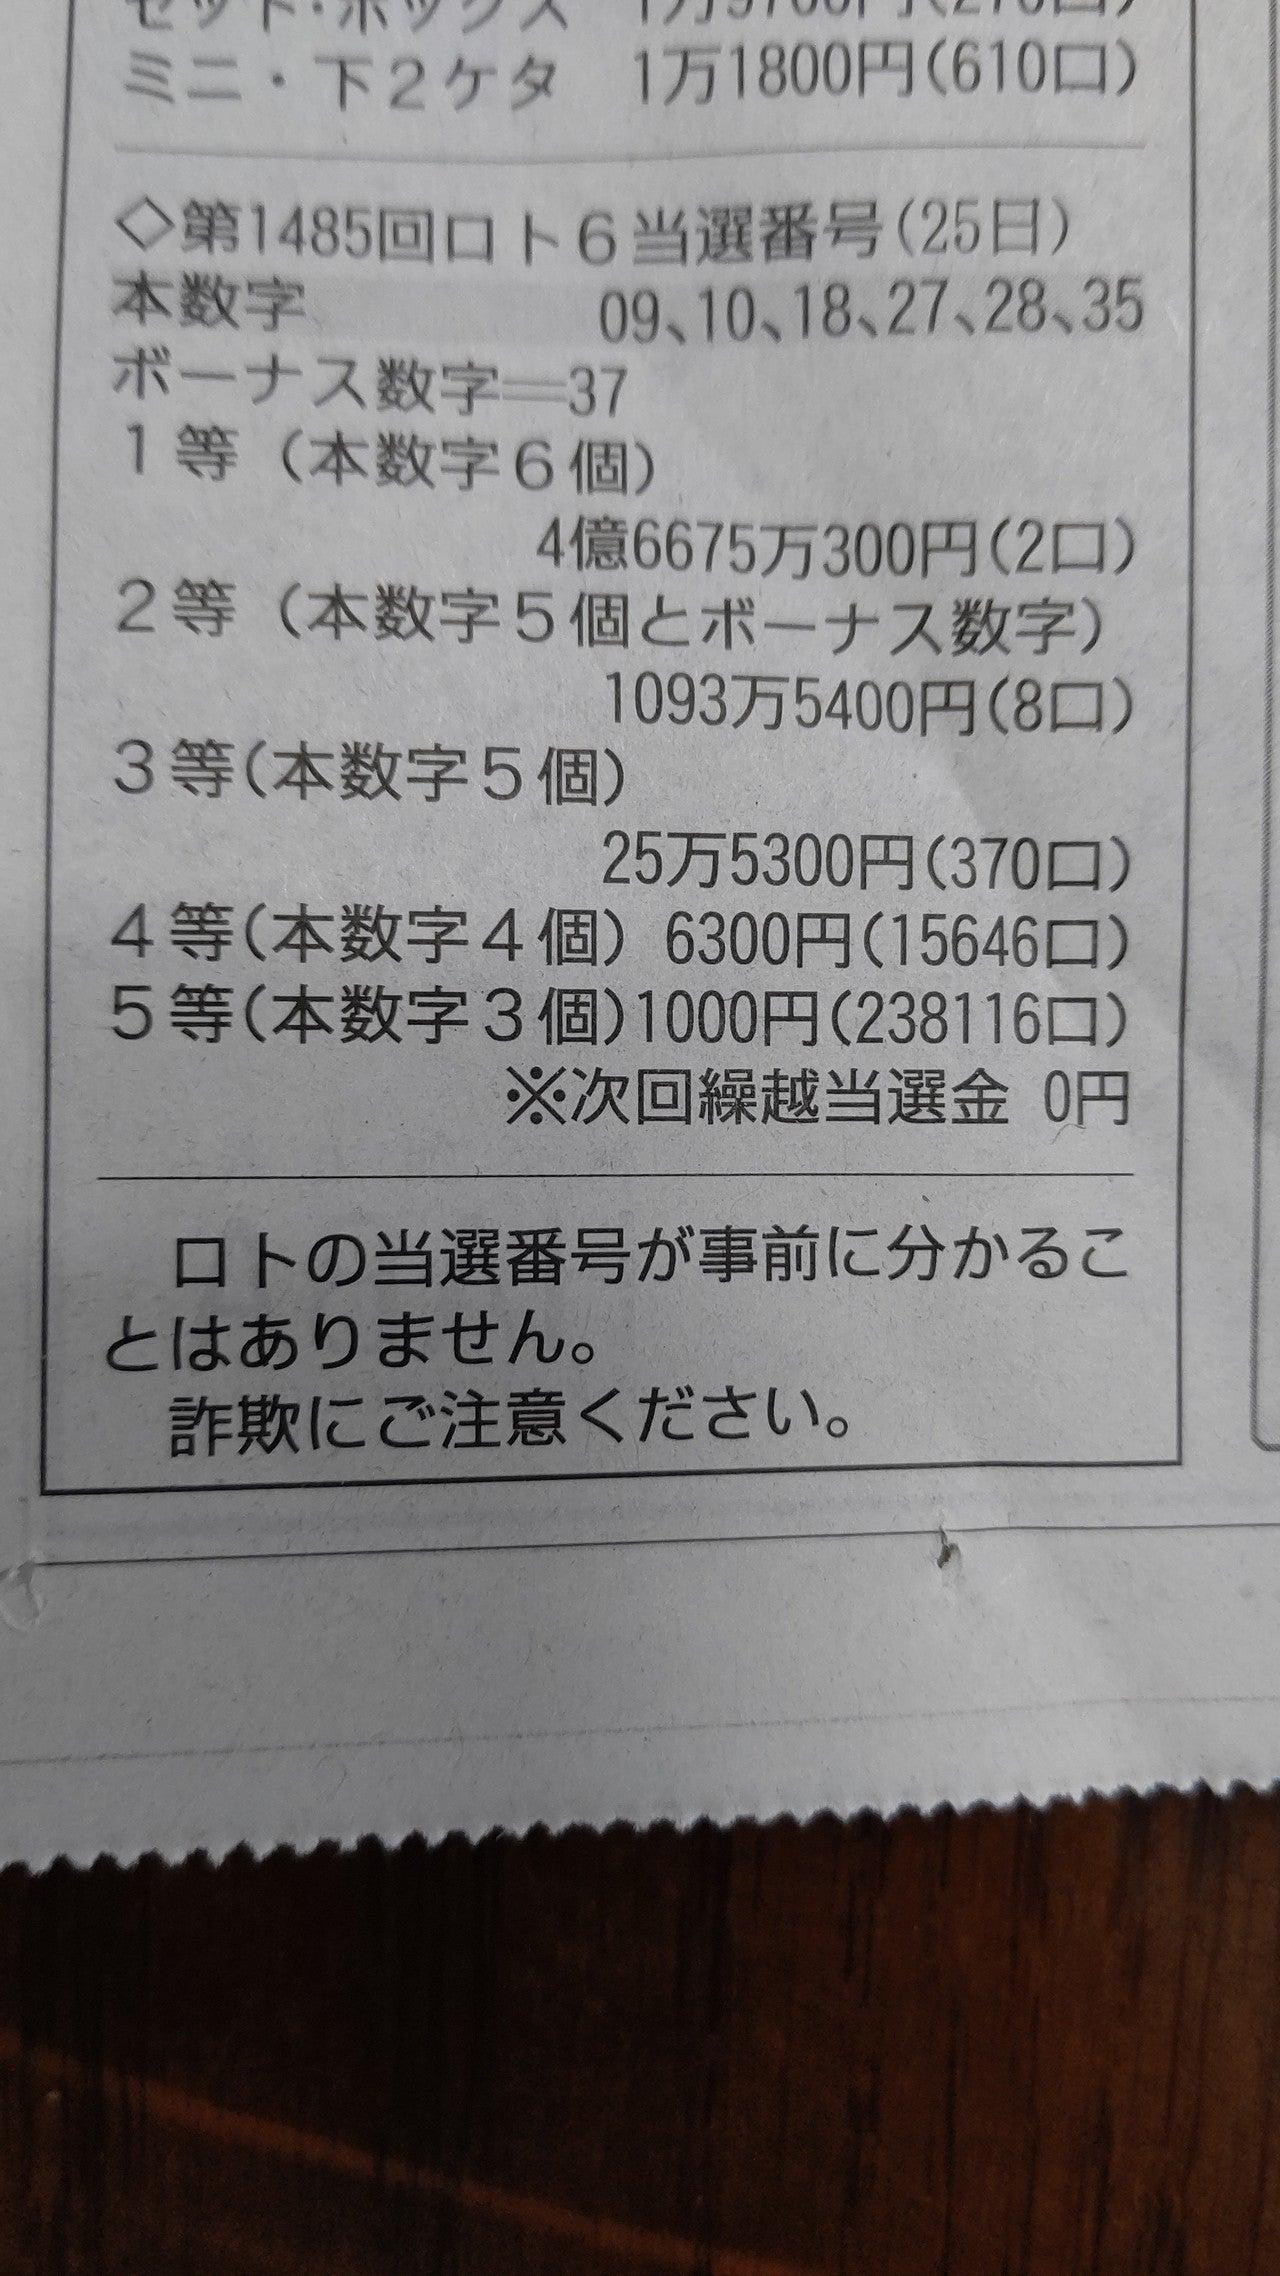 者 ロト 当選